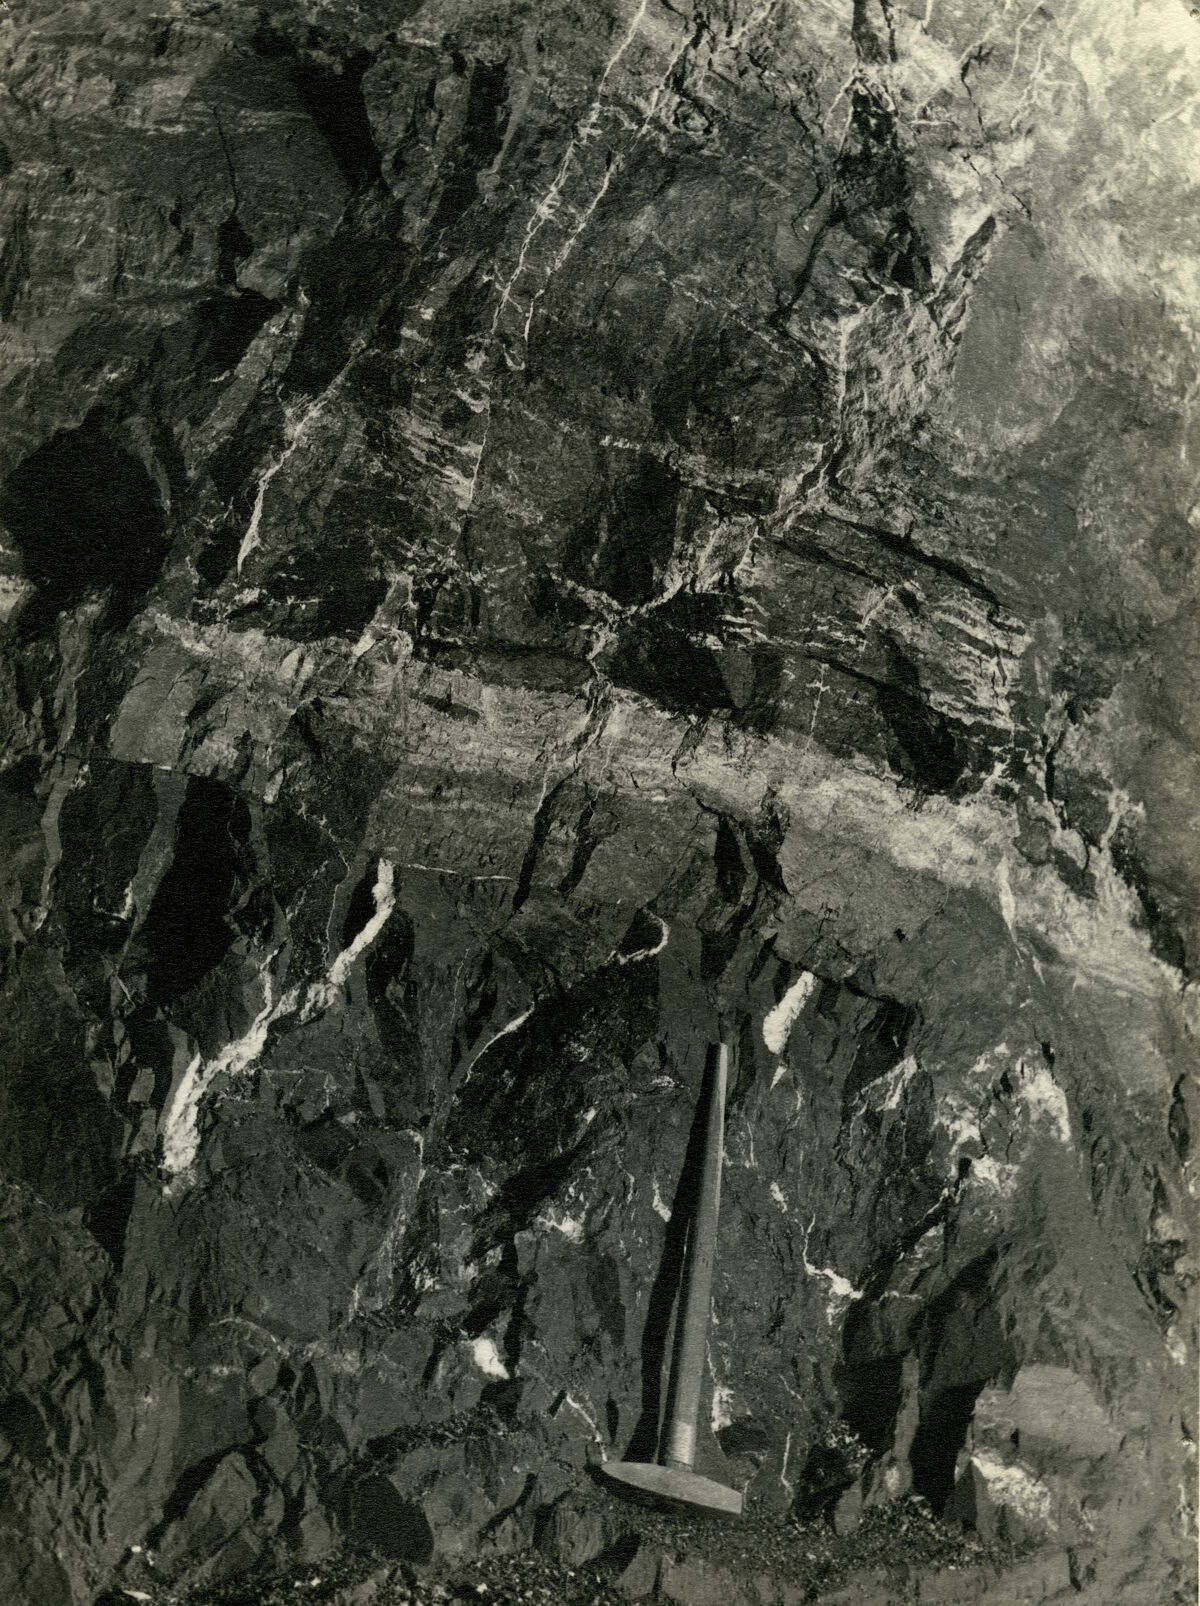 EBA 2/321.27: Gonzen, mine photos underground